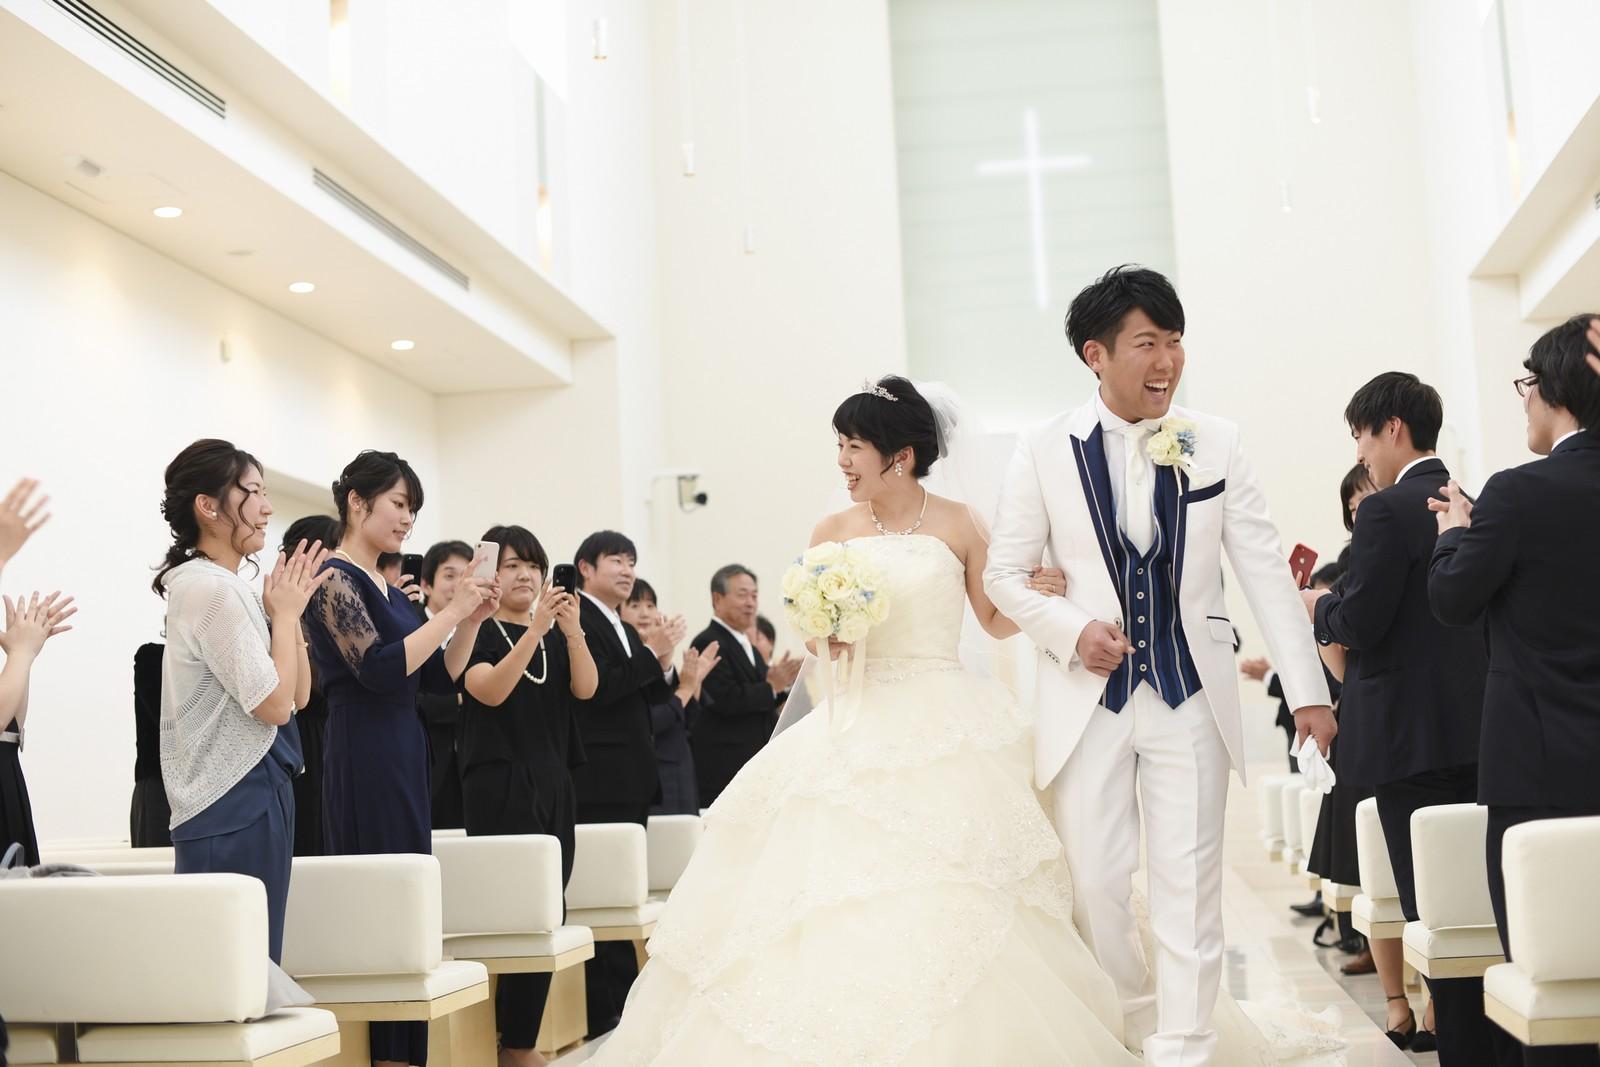 徳島市の結婚式場ブランアンジュのチャペルから退場